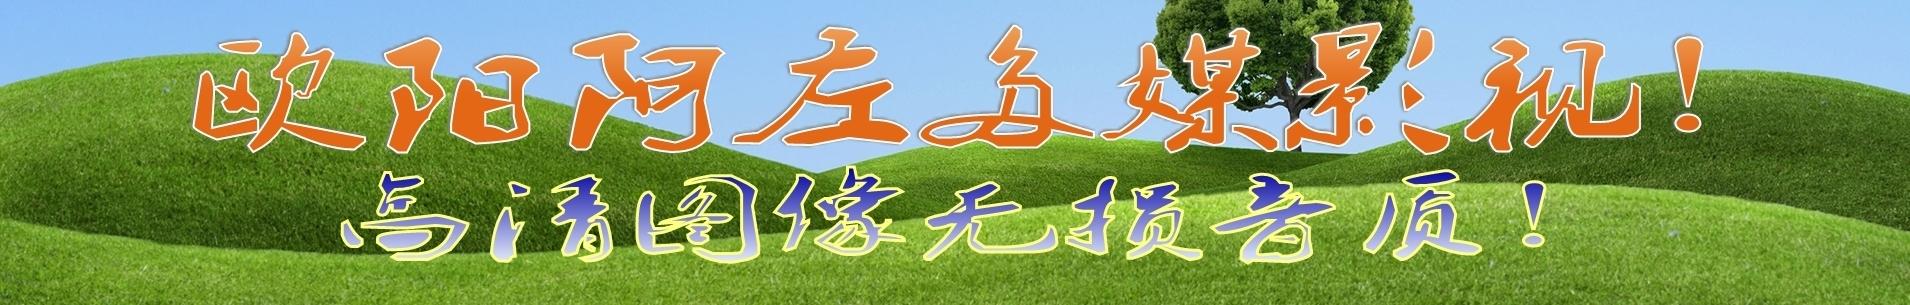 欧阳阿左 banner